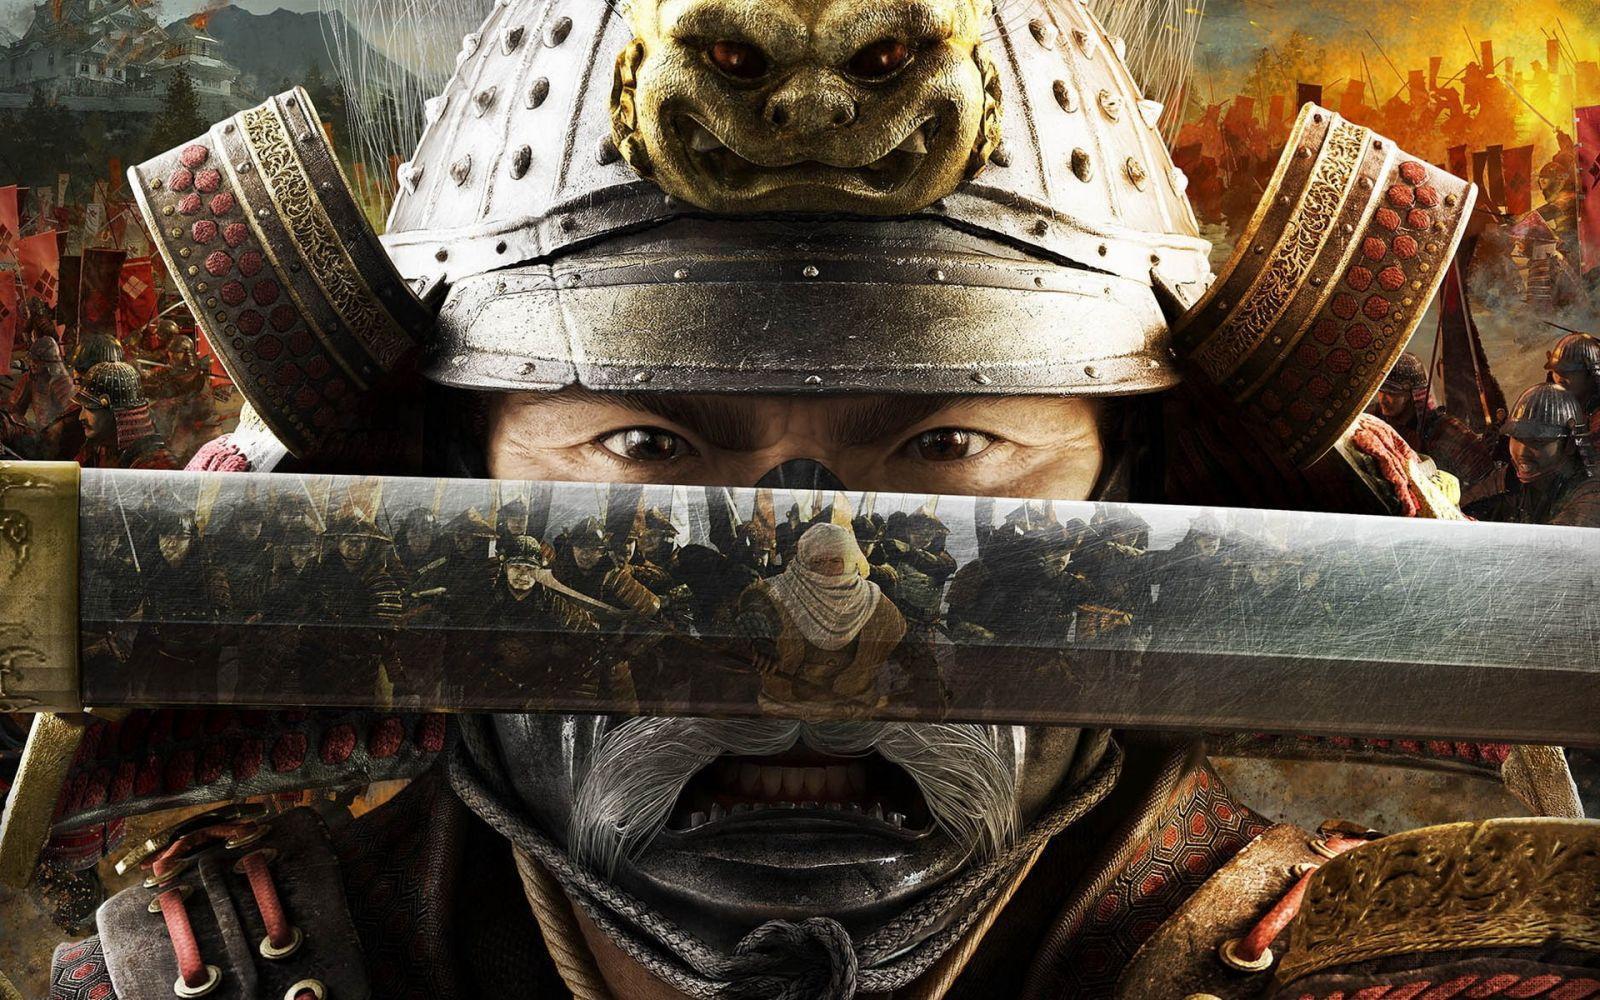 В конце апреля начнётся раздача игры Total War: Shogun 2